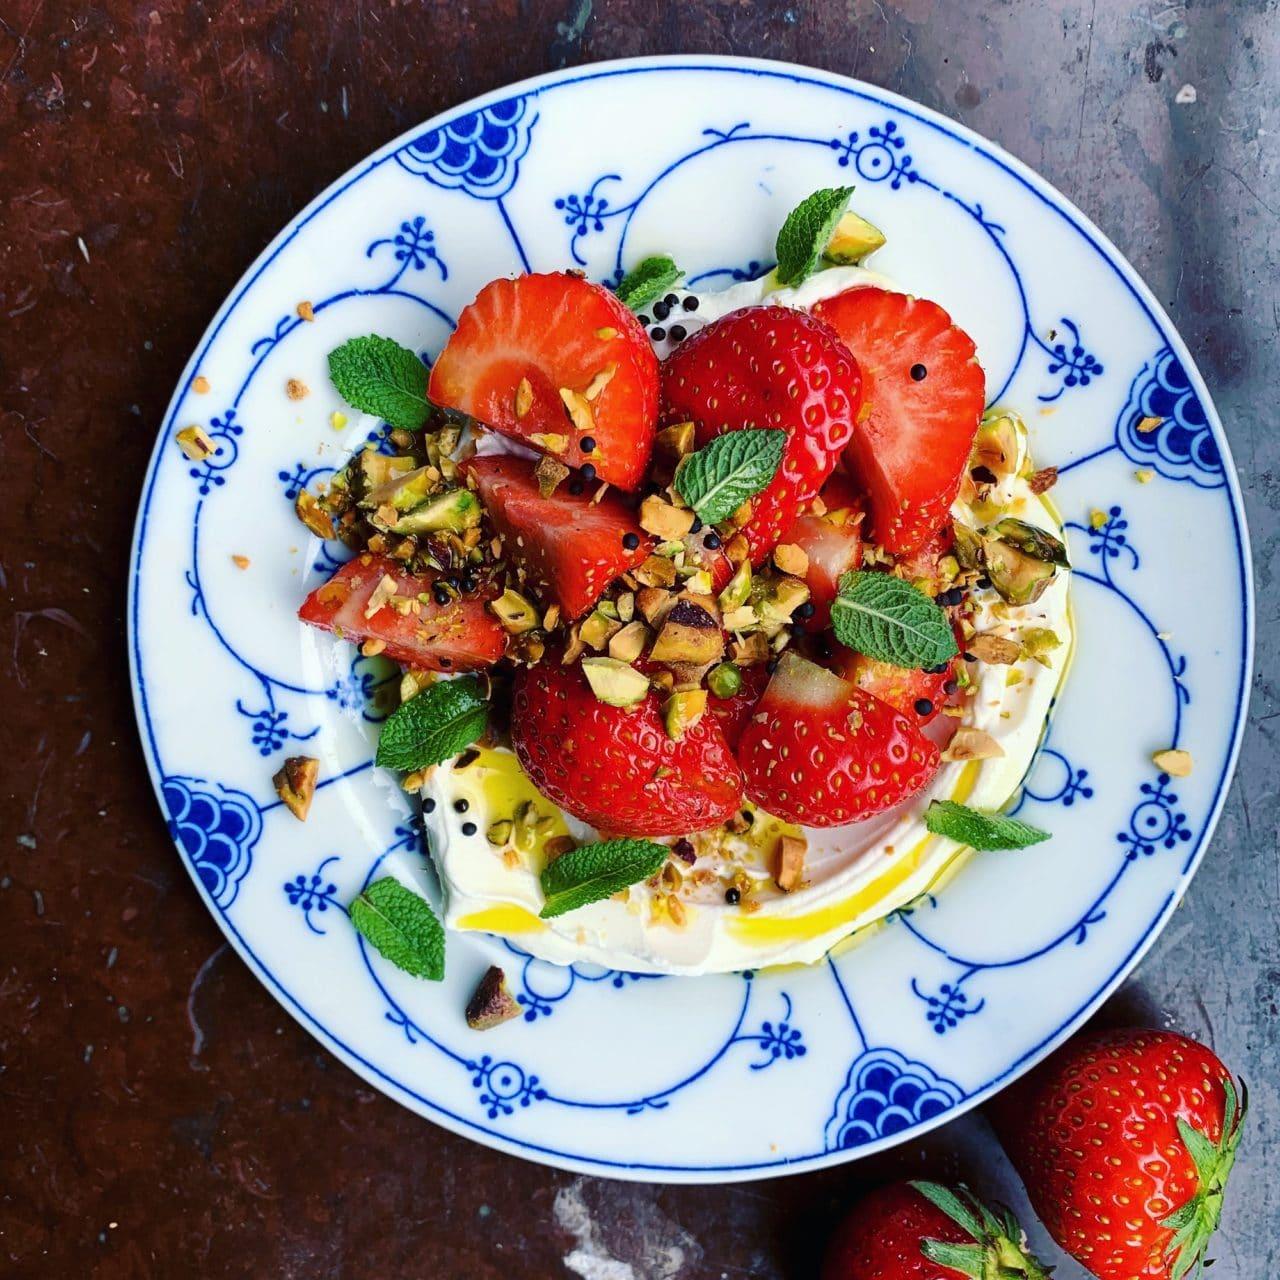 En dessert på en liten rund tallrik med Grekisk yoghurt toppat med skurna jordgubbar och finhackad pistage